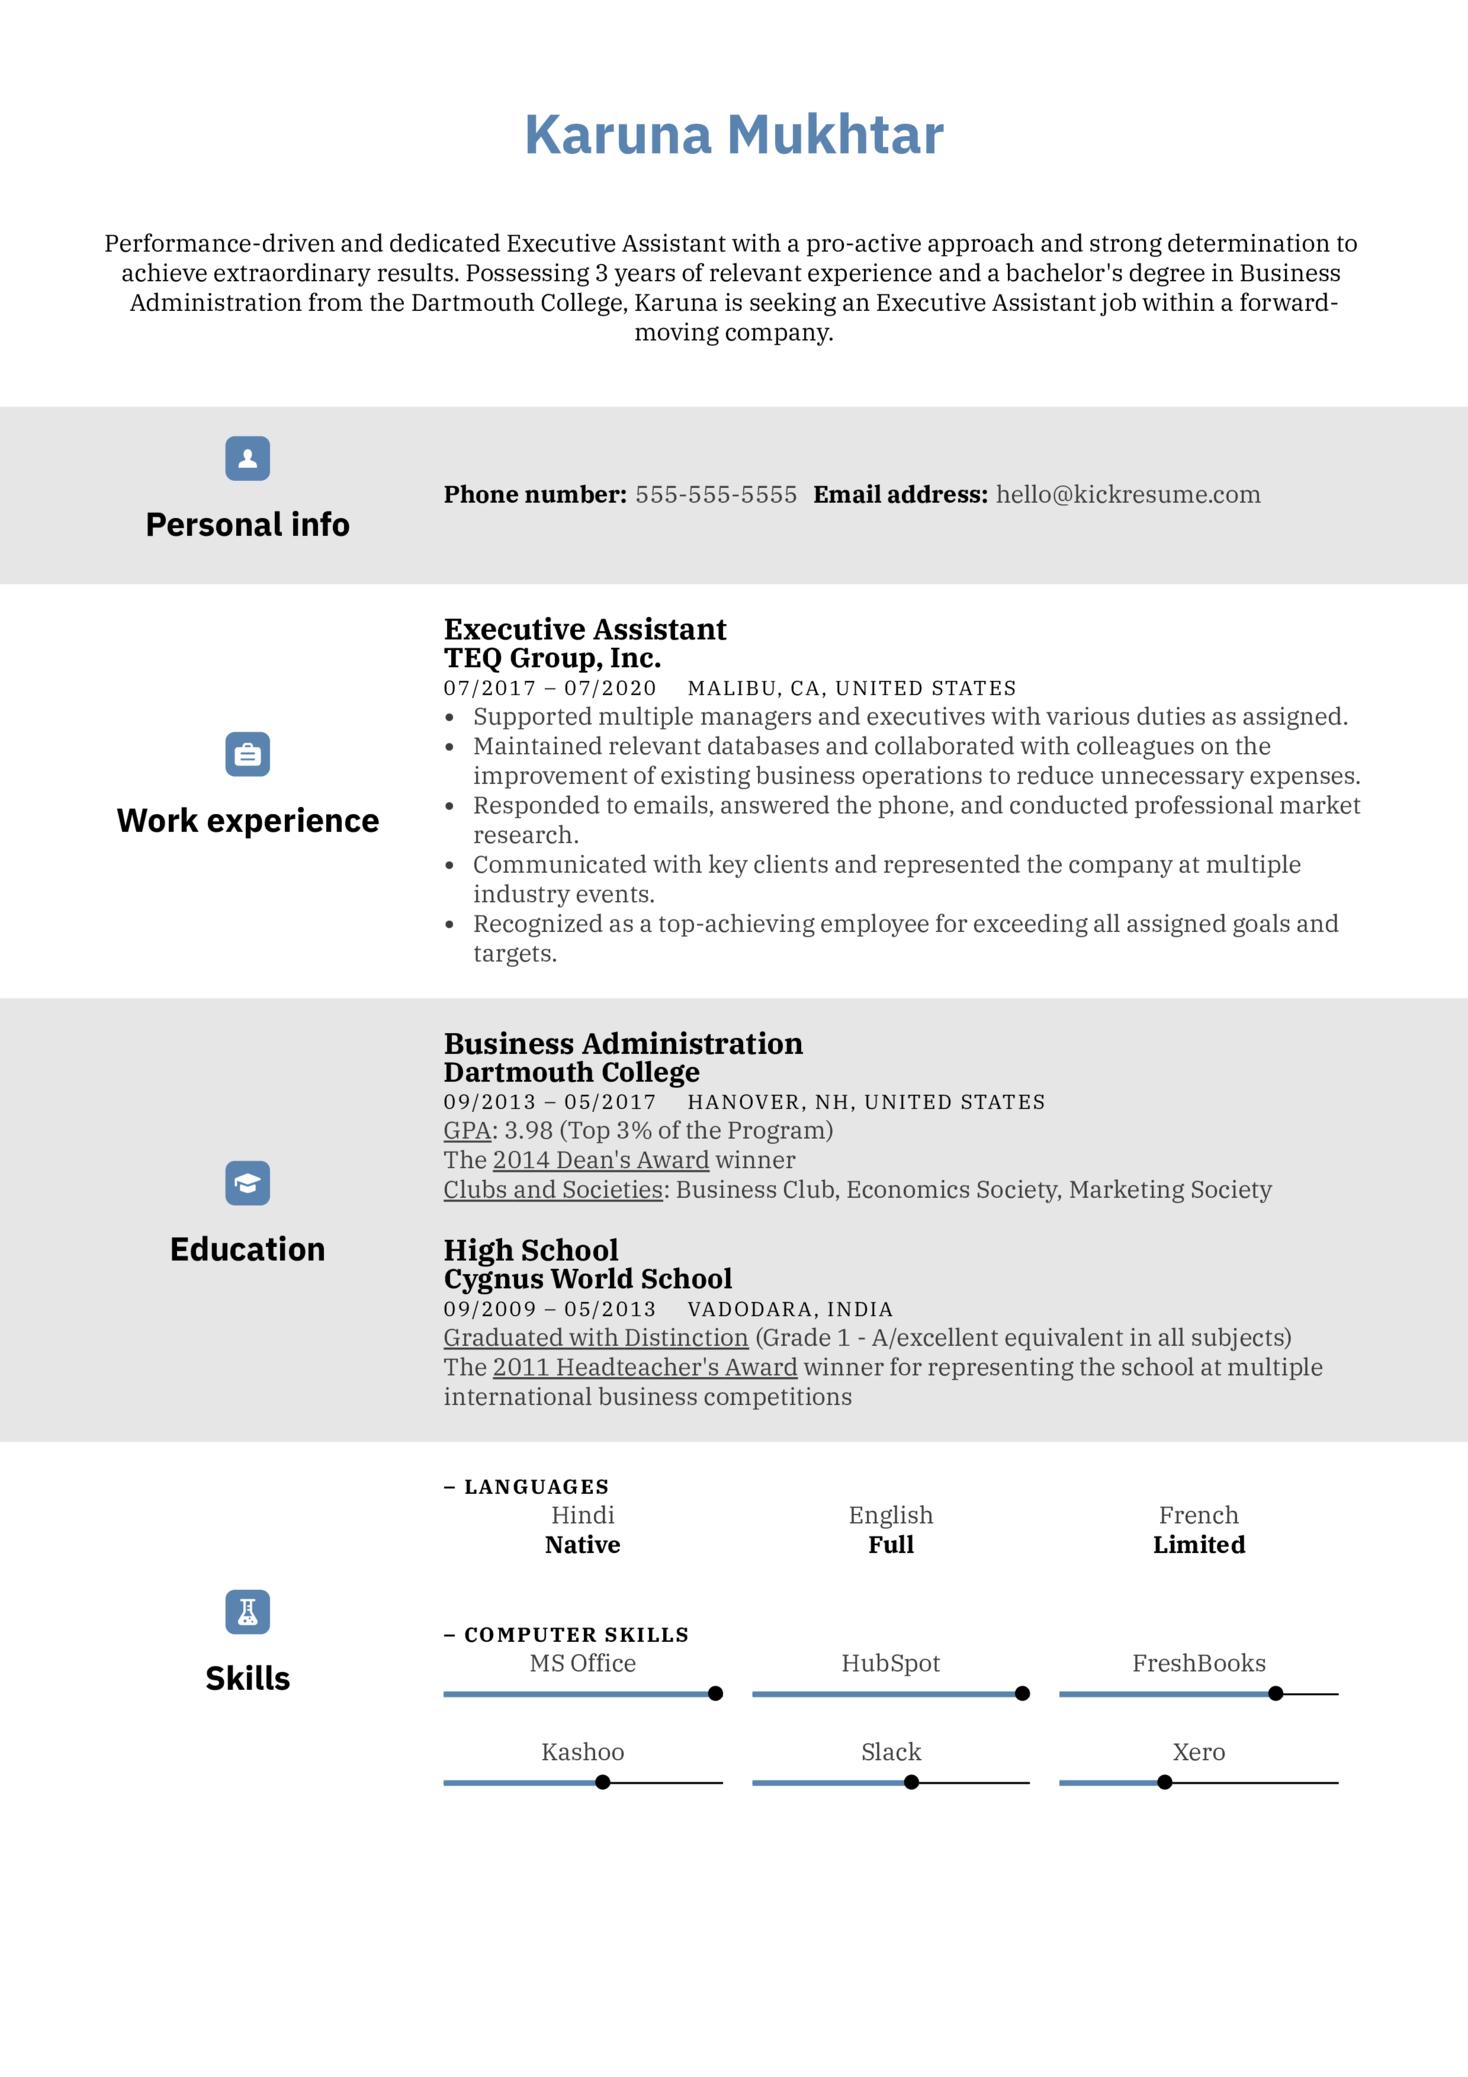 Modern CV Template (Part 1)